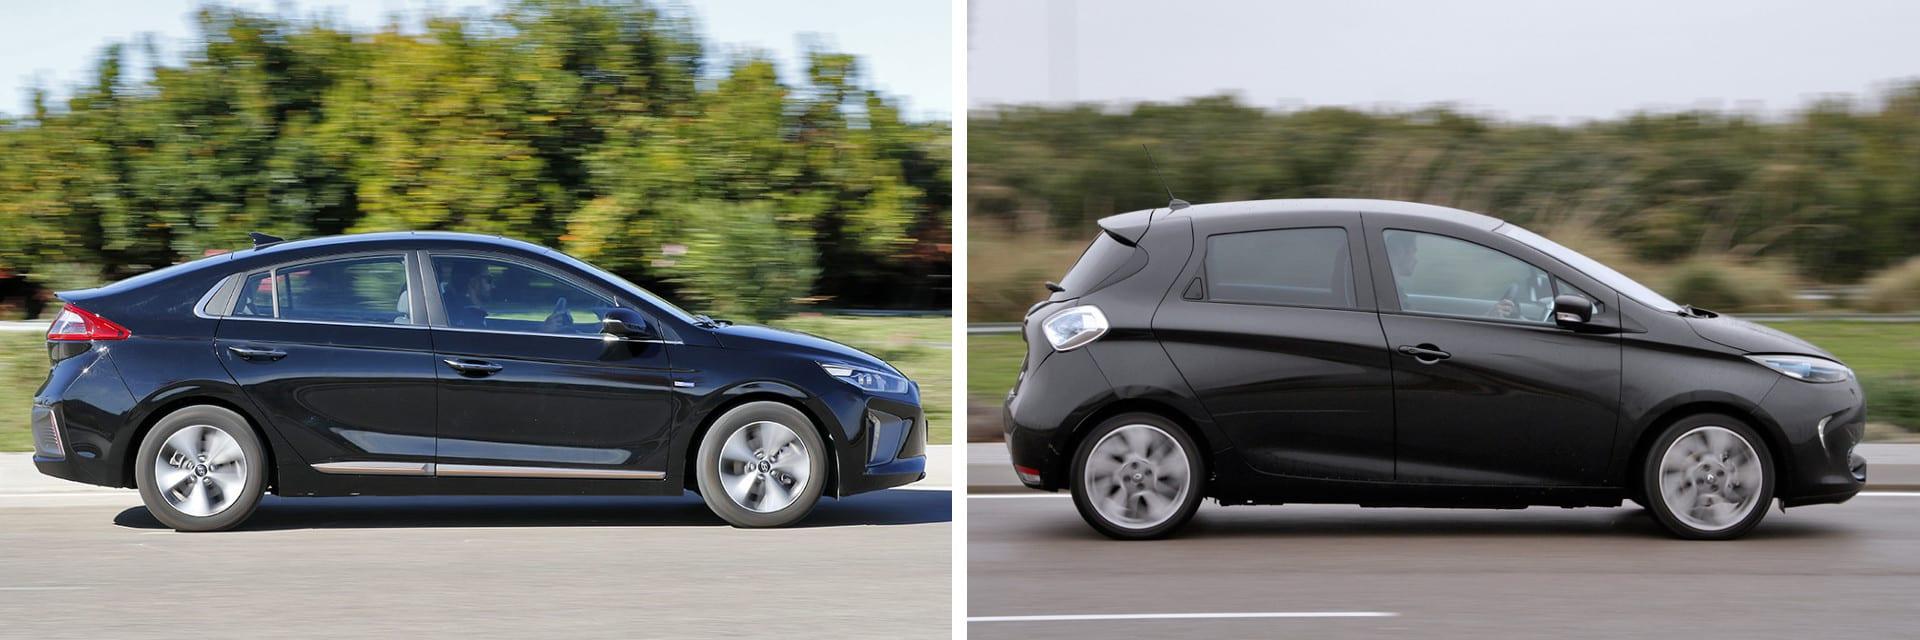 Las fotos del Hyundai IONIQ (izq.) corresponden al acabado Style (37.375 €) y las del Renault ZOE (dcha.) al Intens 40 (29.000 €). A estos precios habría que sumar el del equipamiento opcional de cada modelo (*) / km77